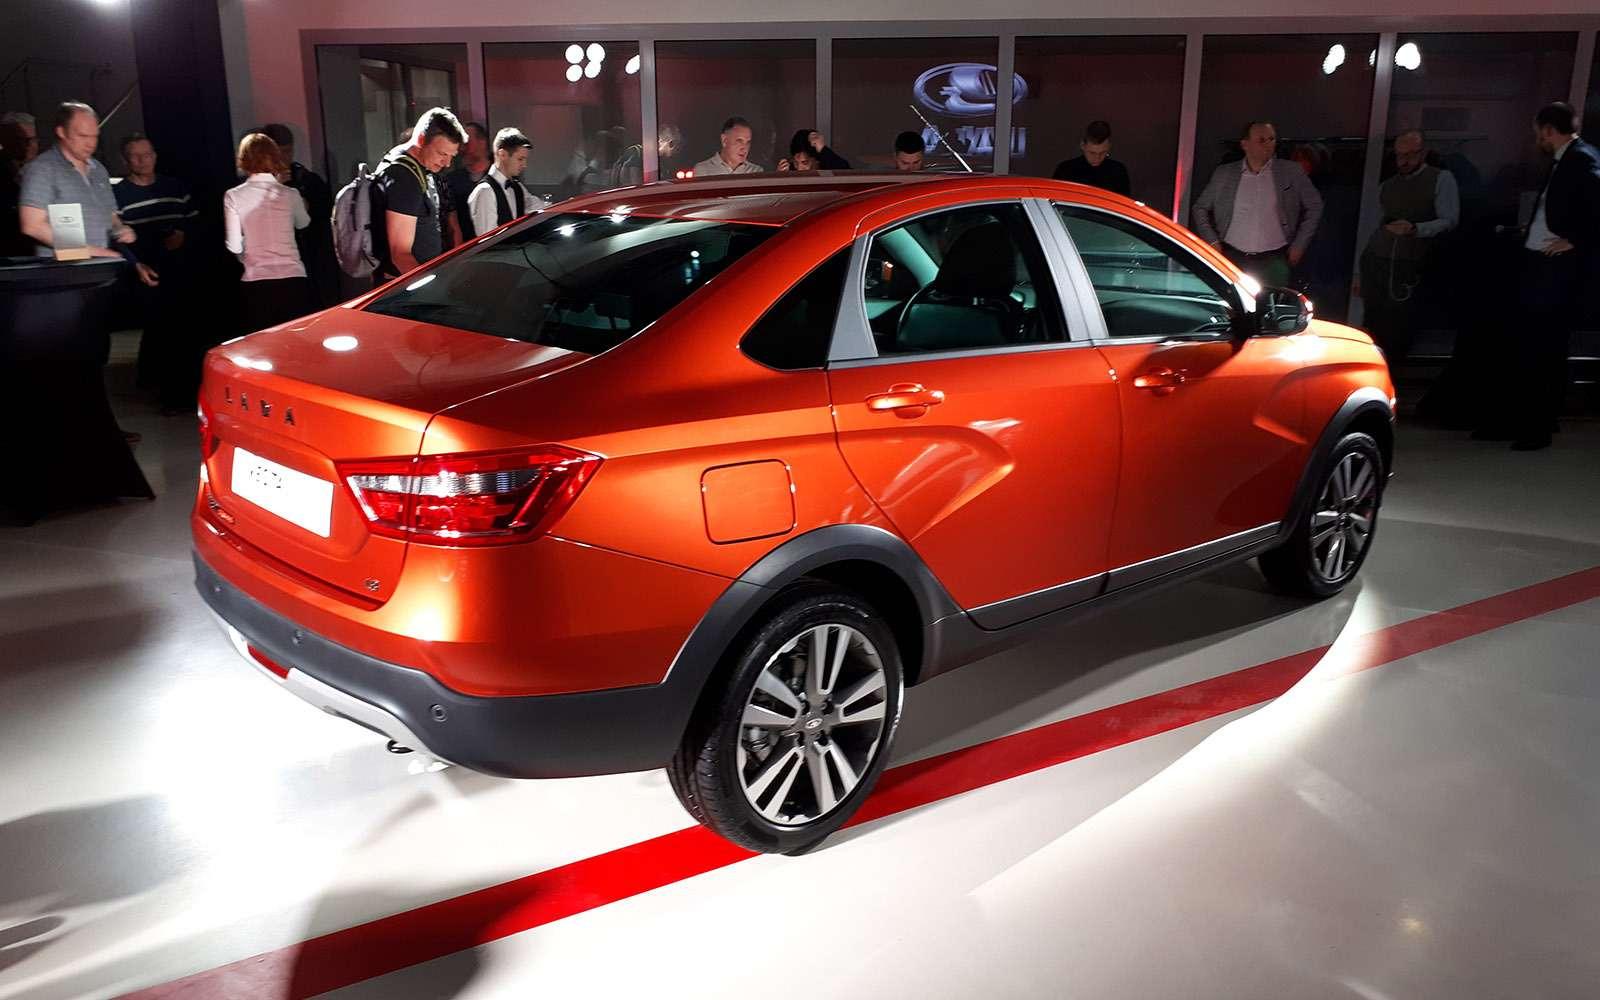 Представлена новая модель Lada. Иэто снова Cross— фото 863340